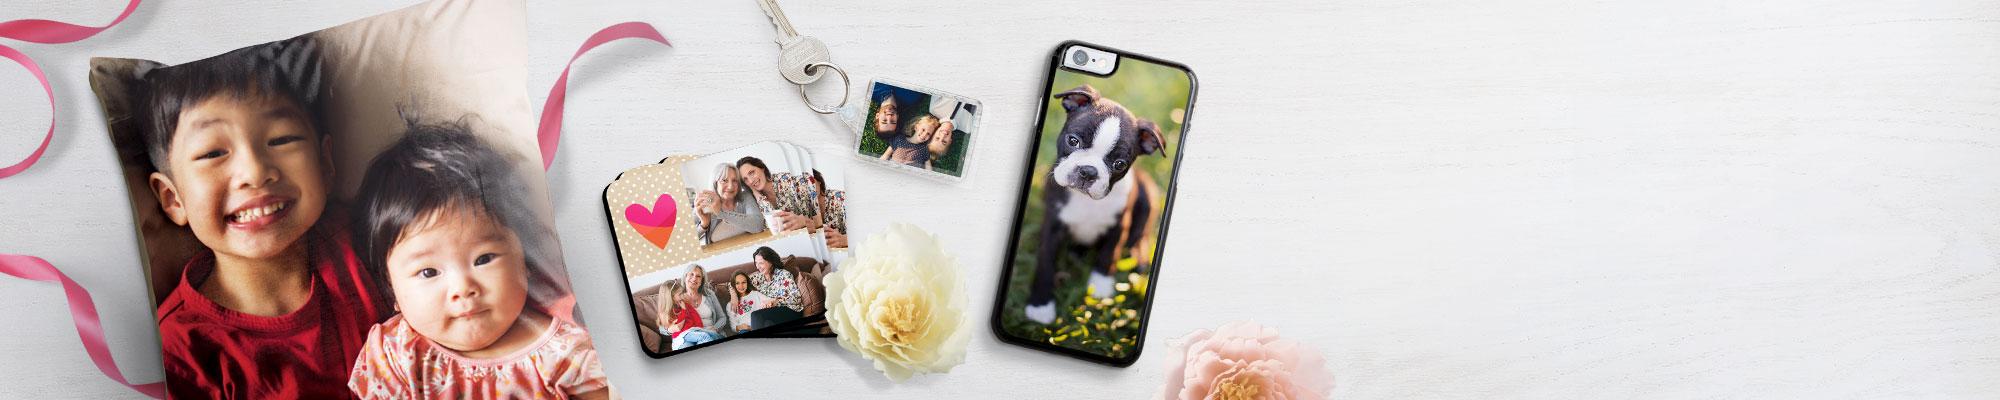 Fotogeschenke Gestalten Sie persönliche Geschenke für Freunde und Familie. Überreichen Sie einzigartige und bedeutende Geschenke, die von Herzen kommen.